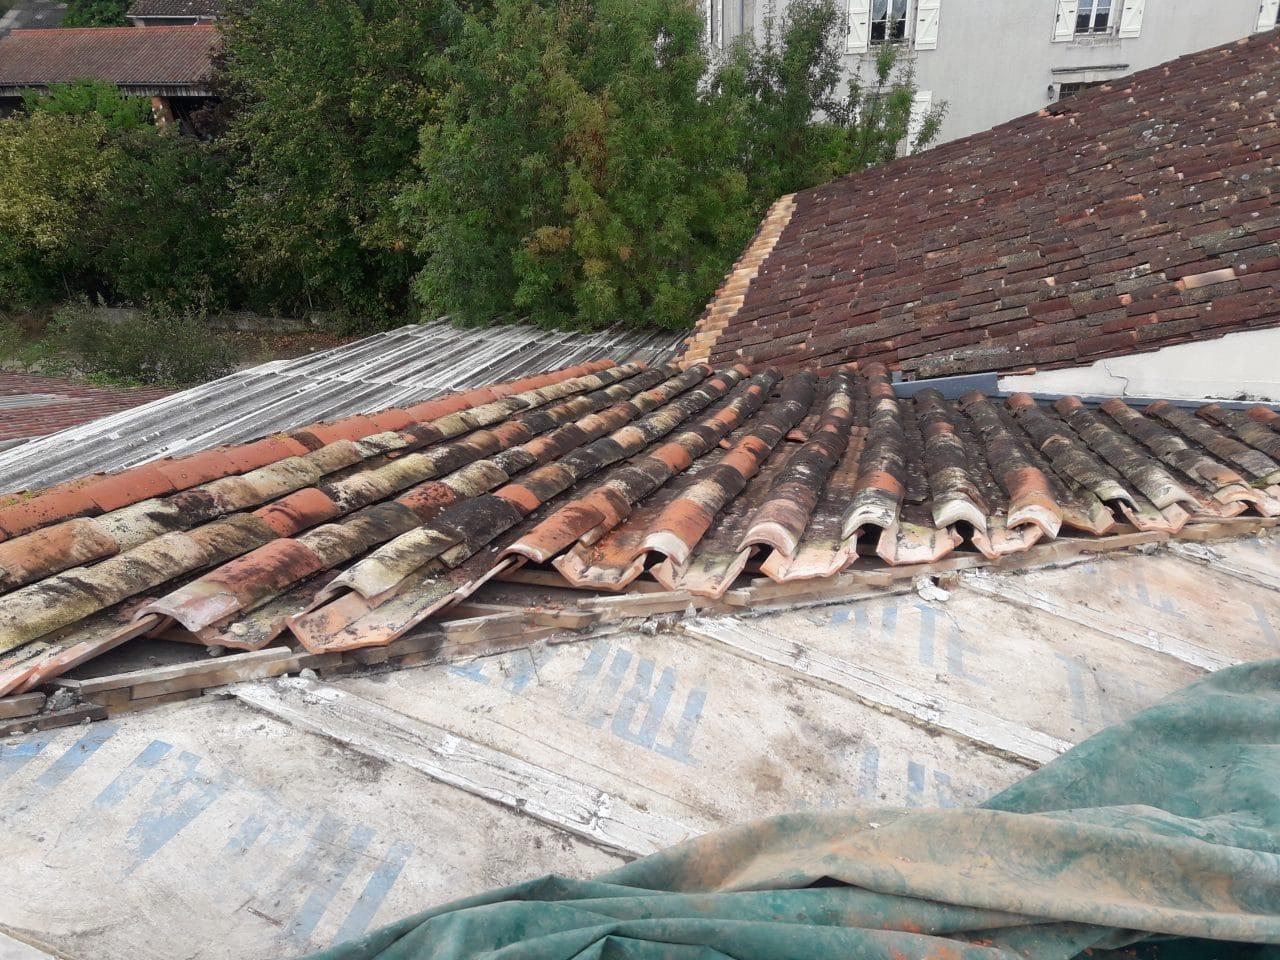 rénovation toiture avant travaux Saint-Hilaire-la-Palud